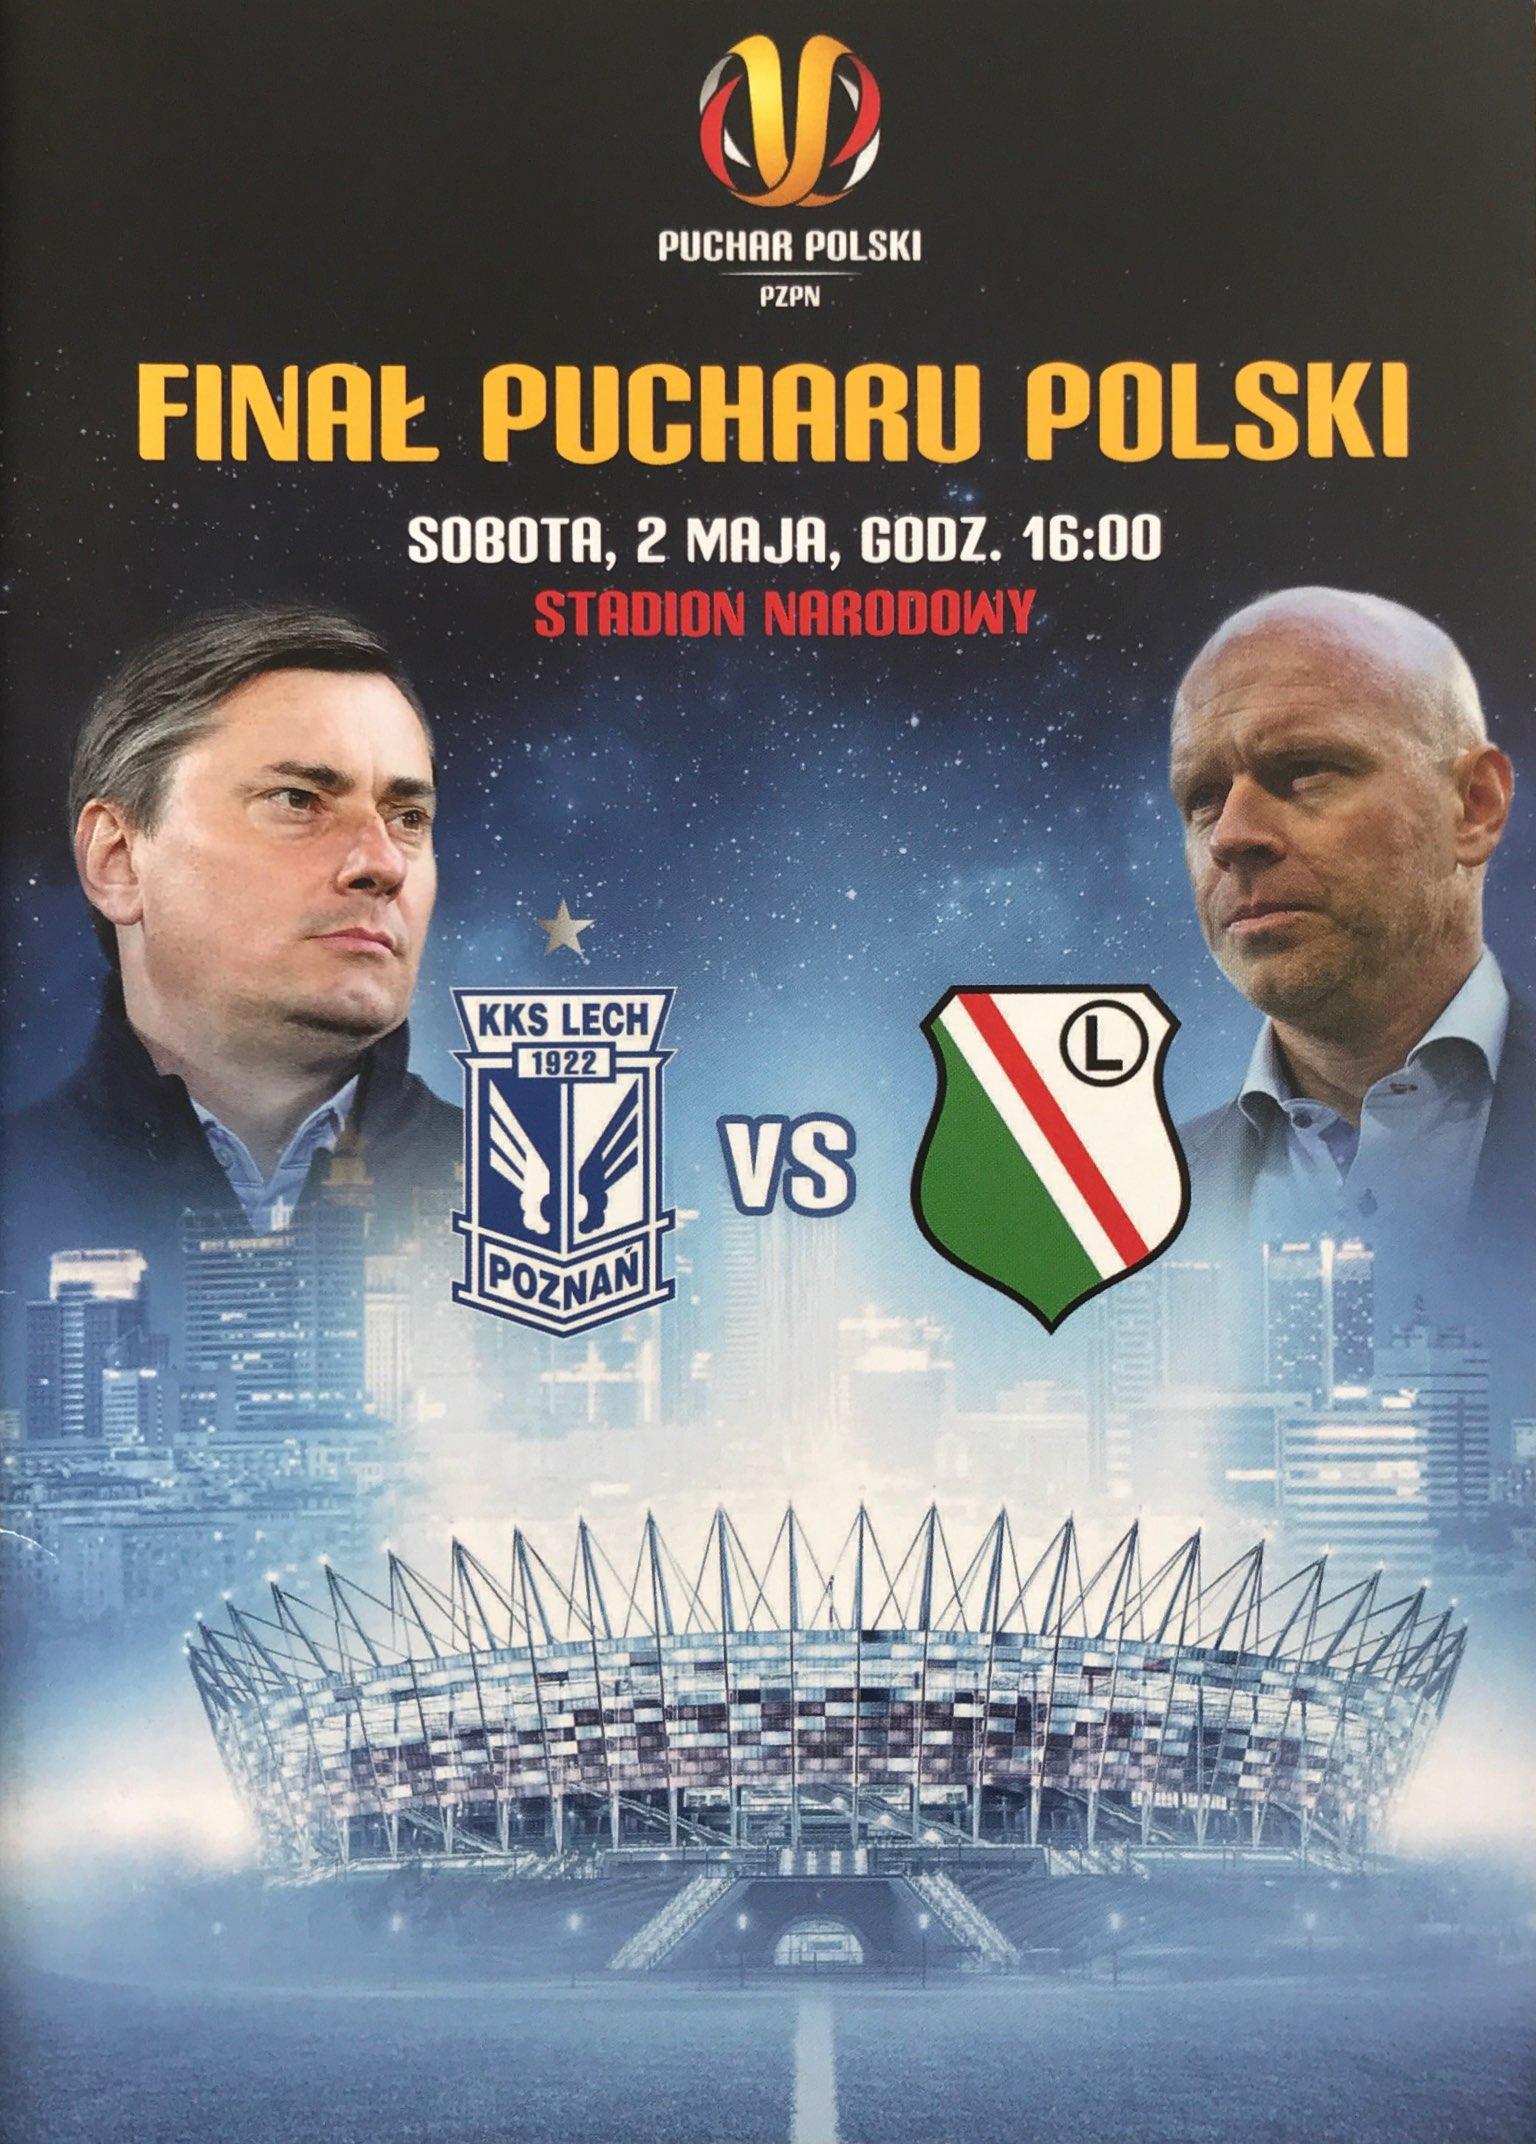 Program meczowy Lech Poznań - Legia Warszawa 1:2 (02.05.2015).